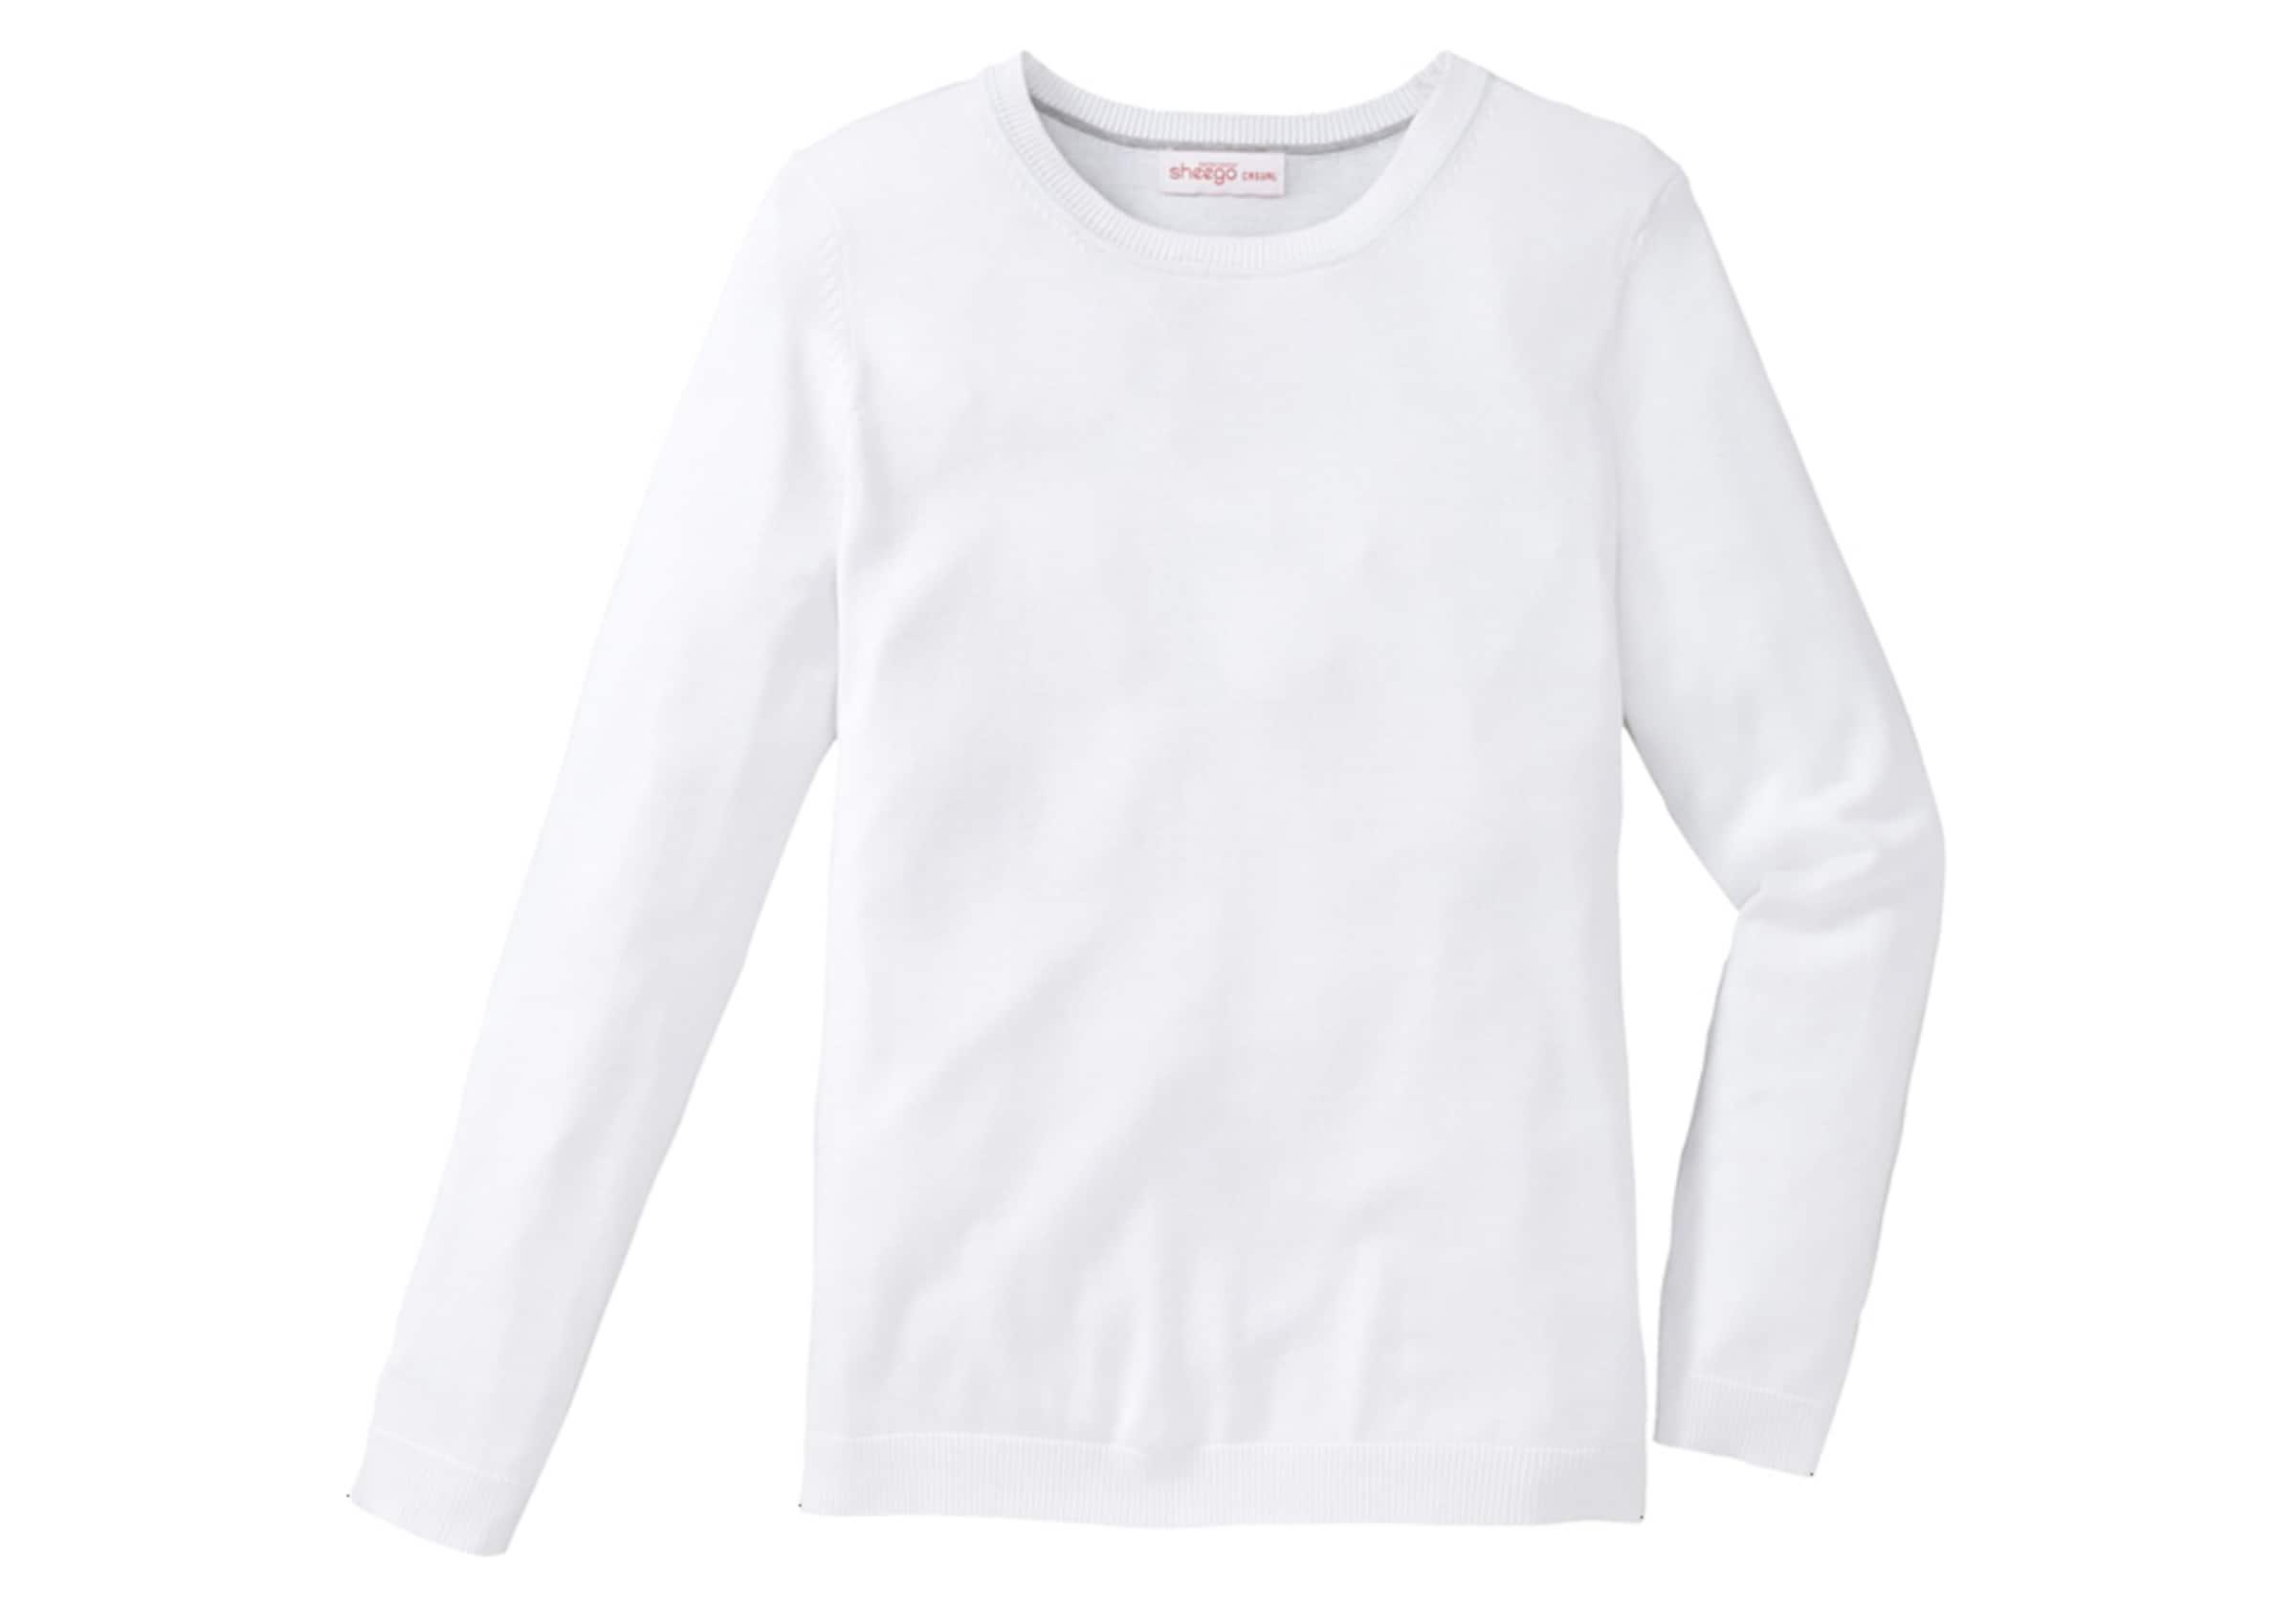 sheego casual Basic Pullover Verkauf Erkunden Original- Freies Verschiffen Wahl Steckdose Billig Authentisch Rabatt Empfehlen n0Z8DQwN